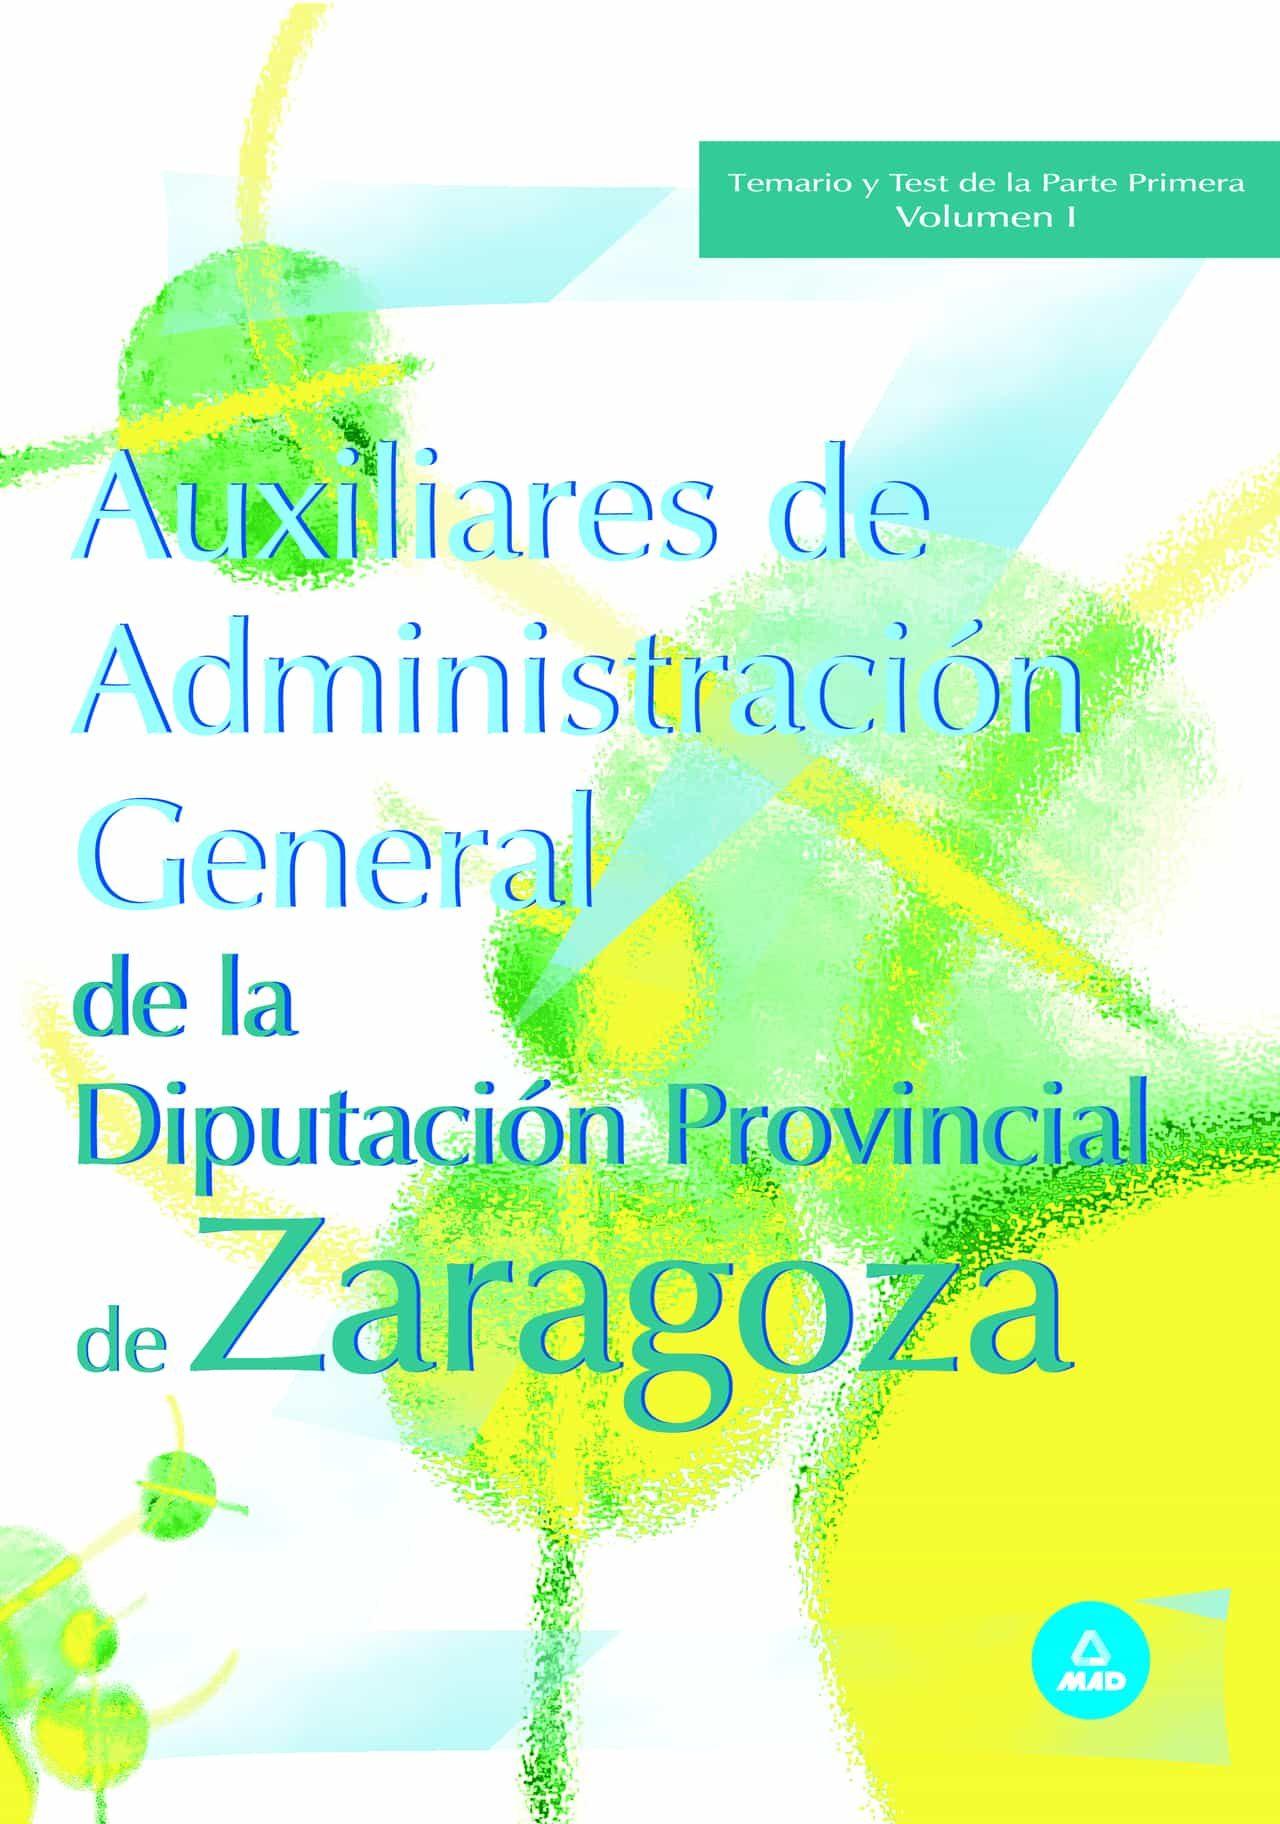 Auxiliares De Administracion General De La Diputacion De Zaragoza : Temario Y Test De La Primera Parte (vol. I) por Vv.aa.